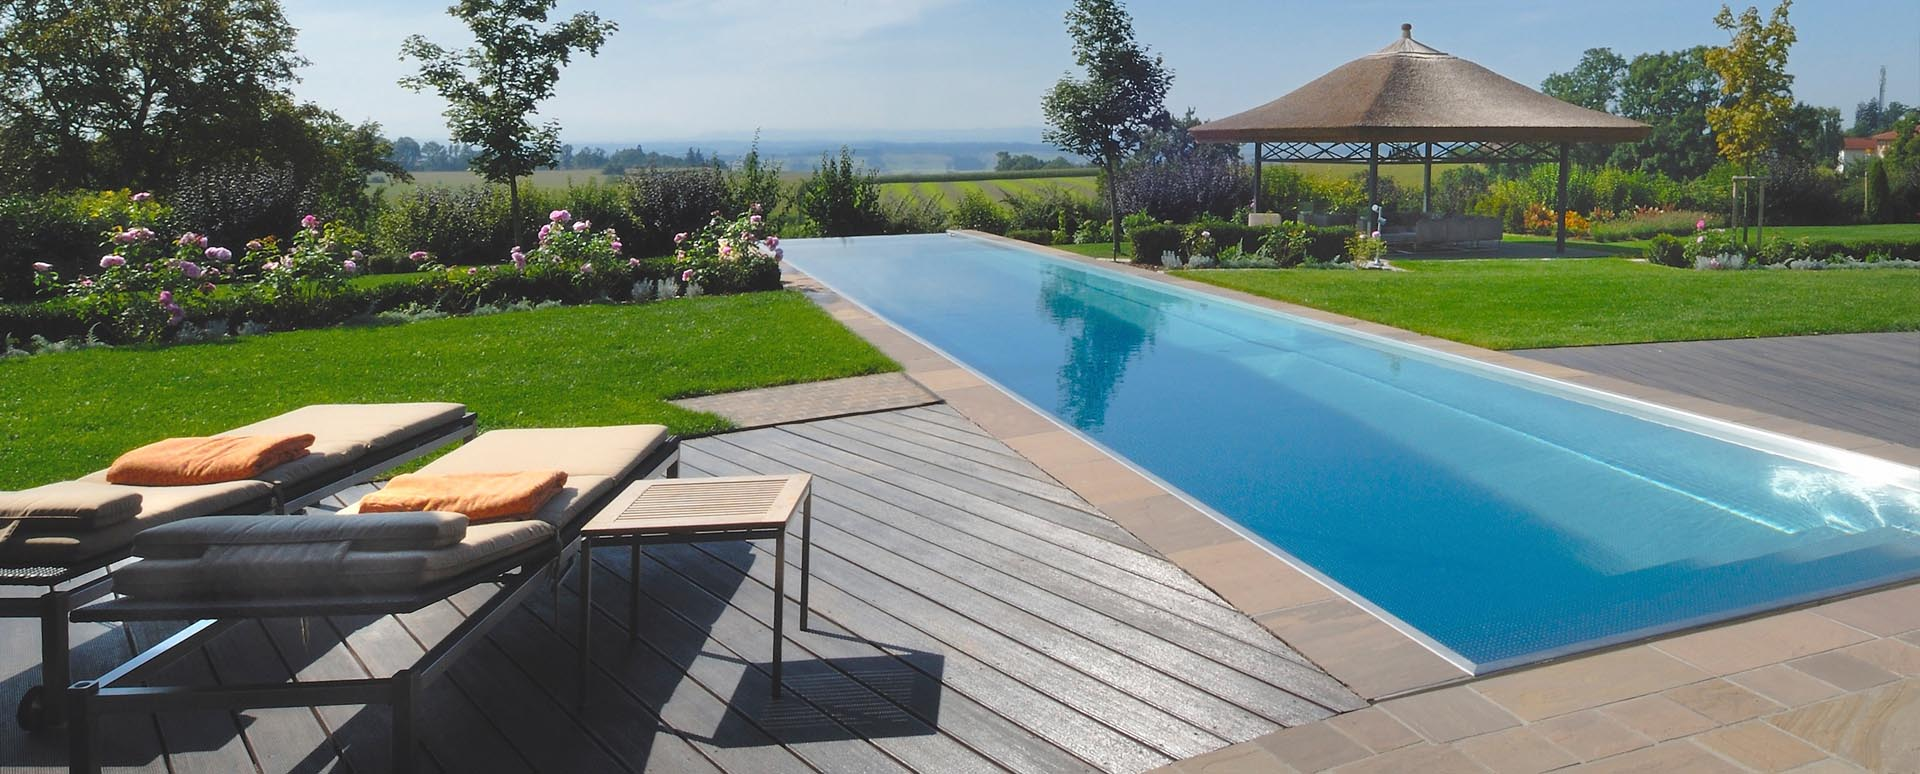 der alte pool oder teich wird zum exklusiven edelstahlpool